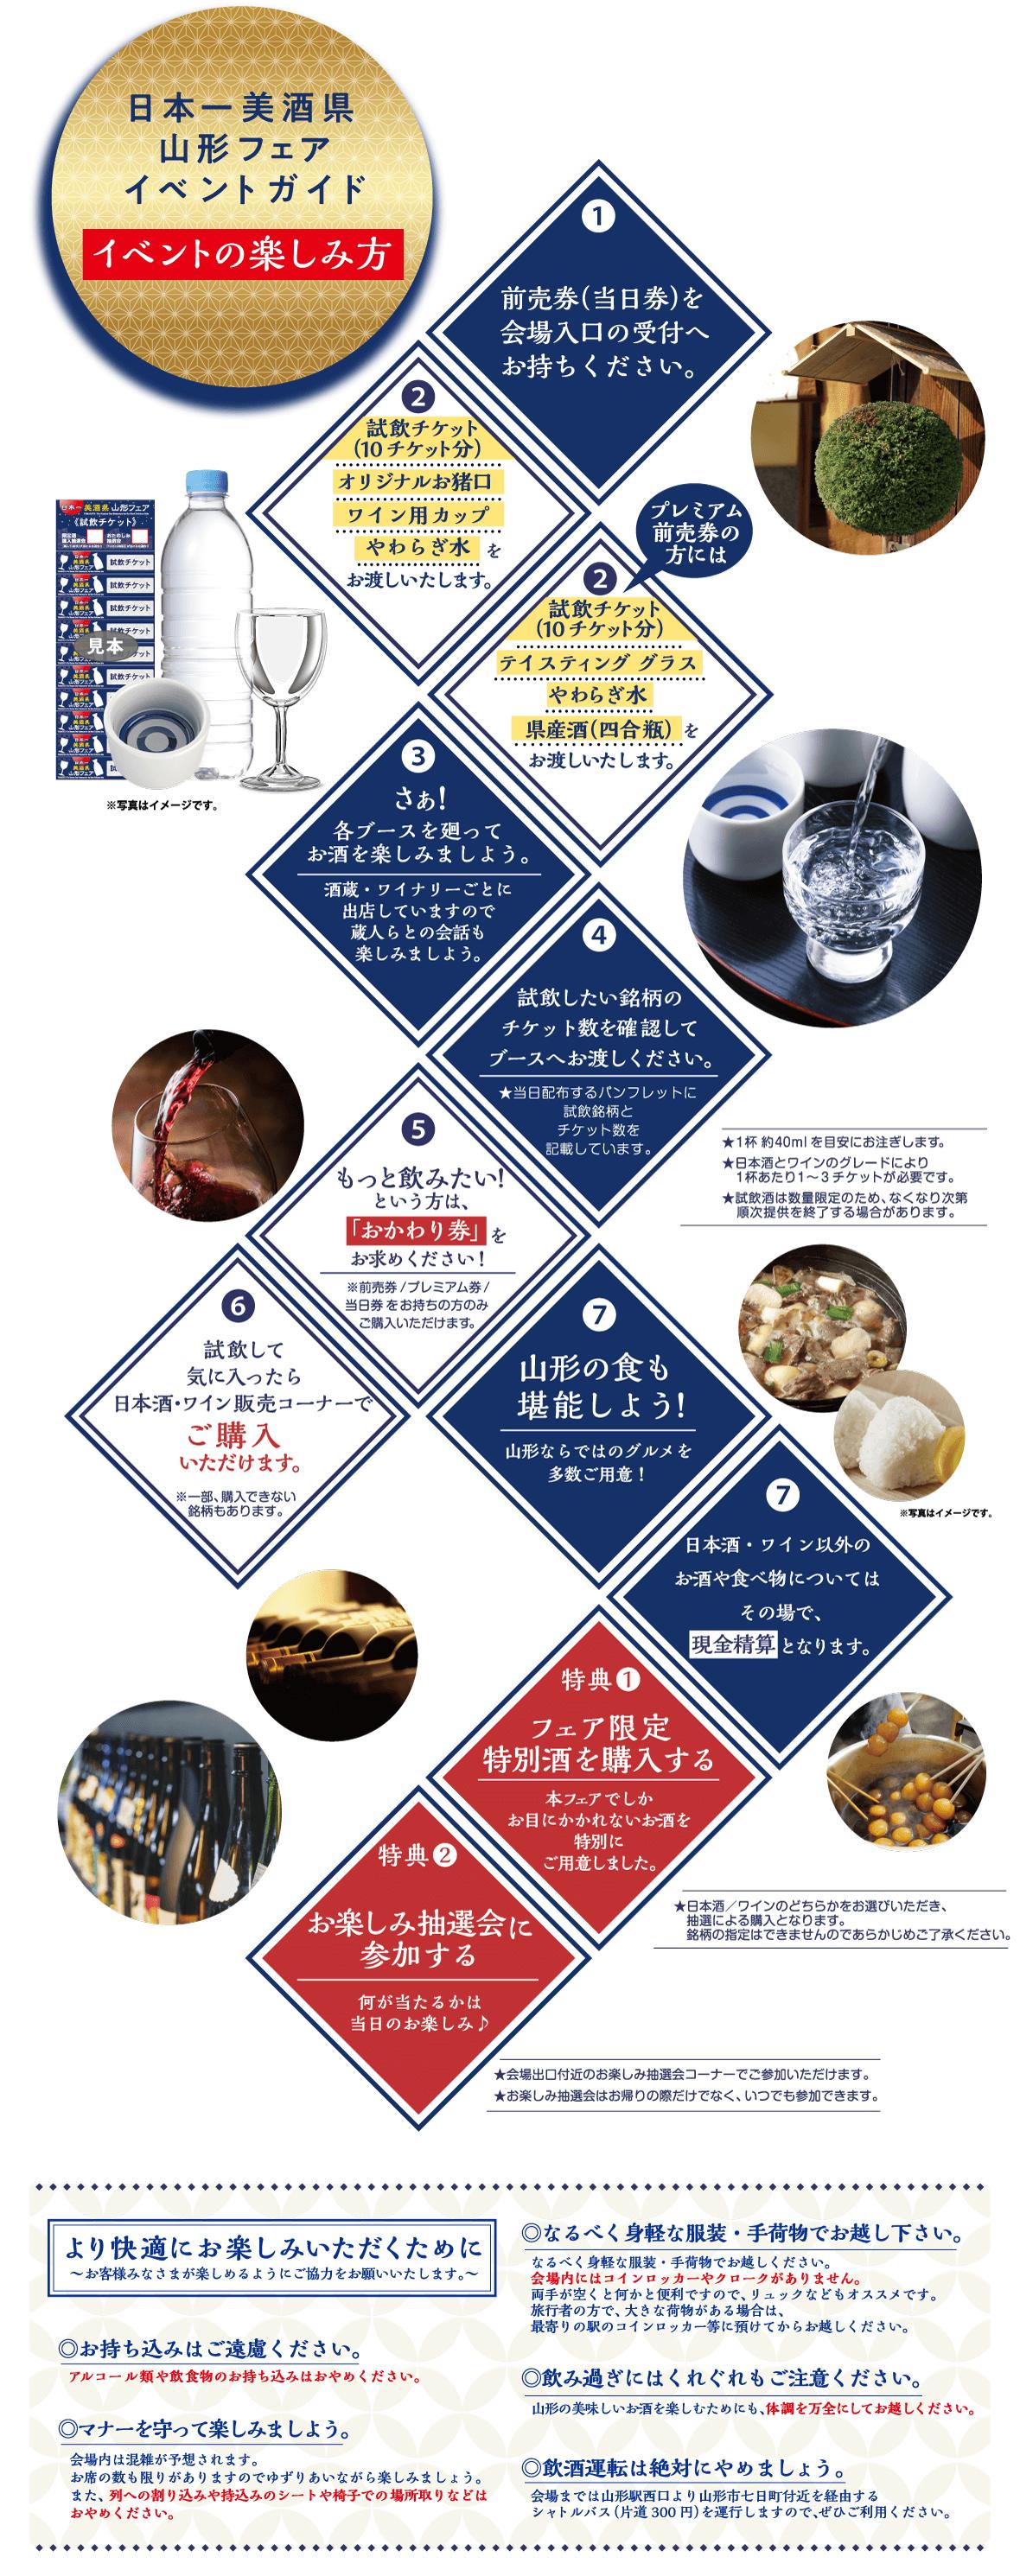 日本一美酒県山形フェアイベントガイド イベントの楽しみ方